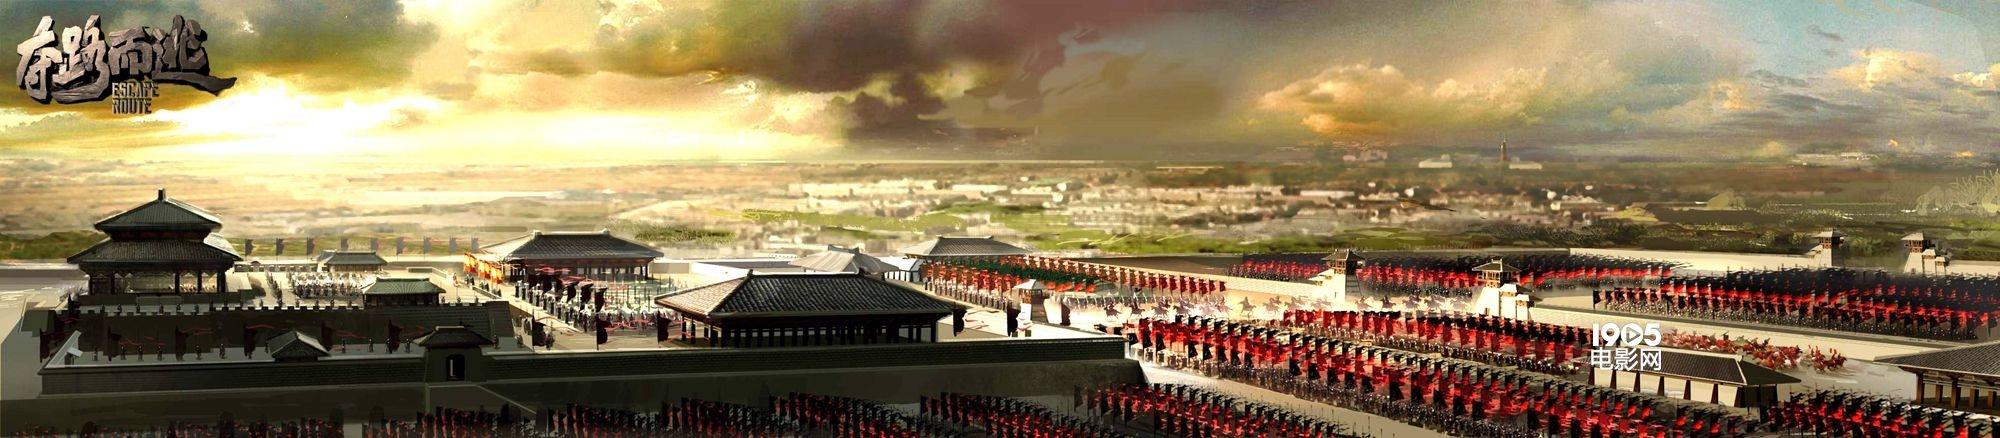 三川皇宫,古风战场等经典场景手绘图一一揭开神秘面纱,现出庐山真面